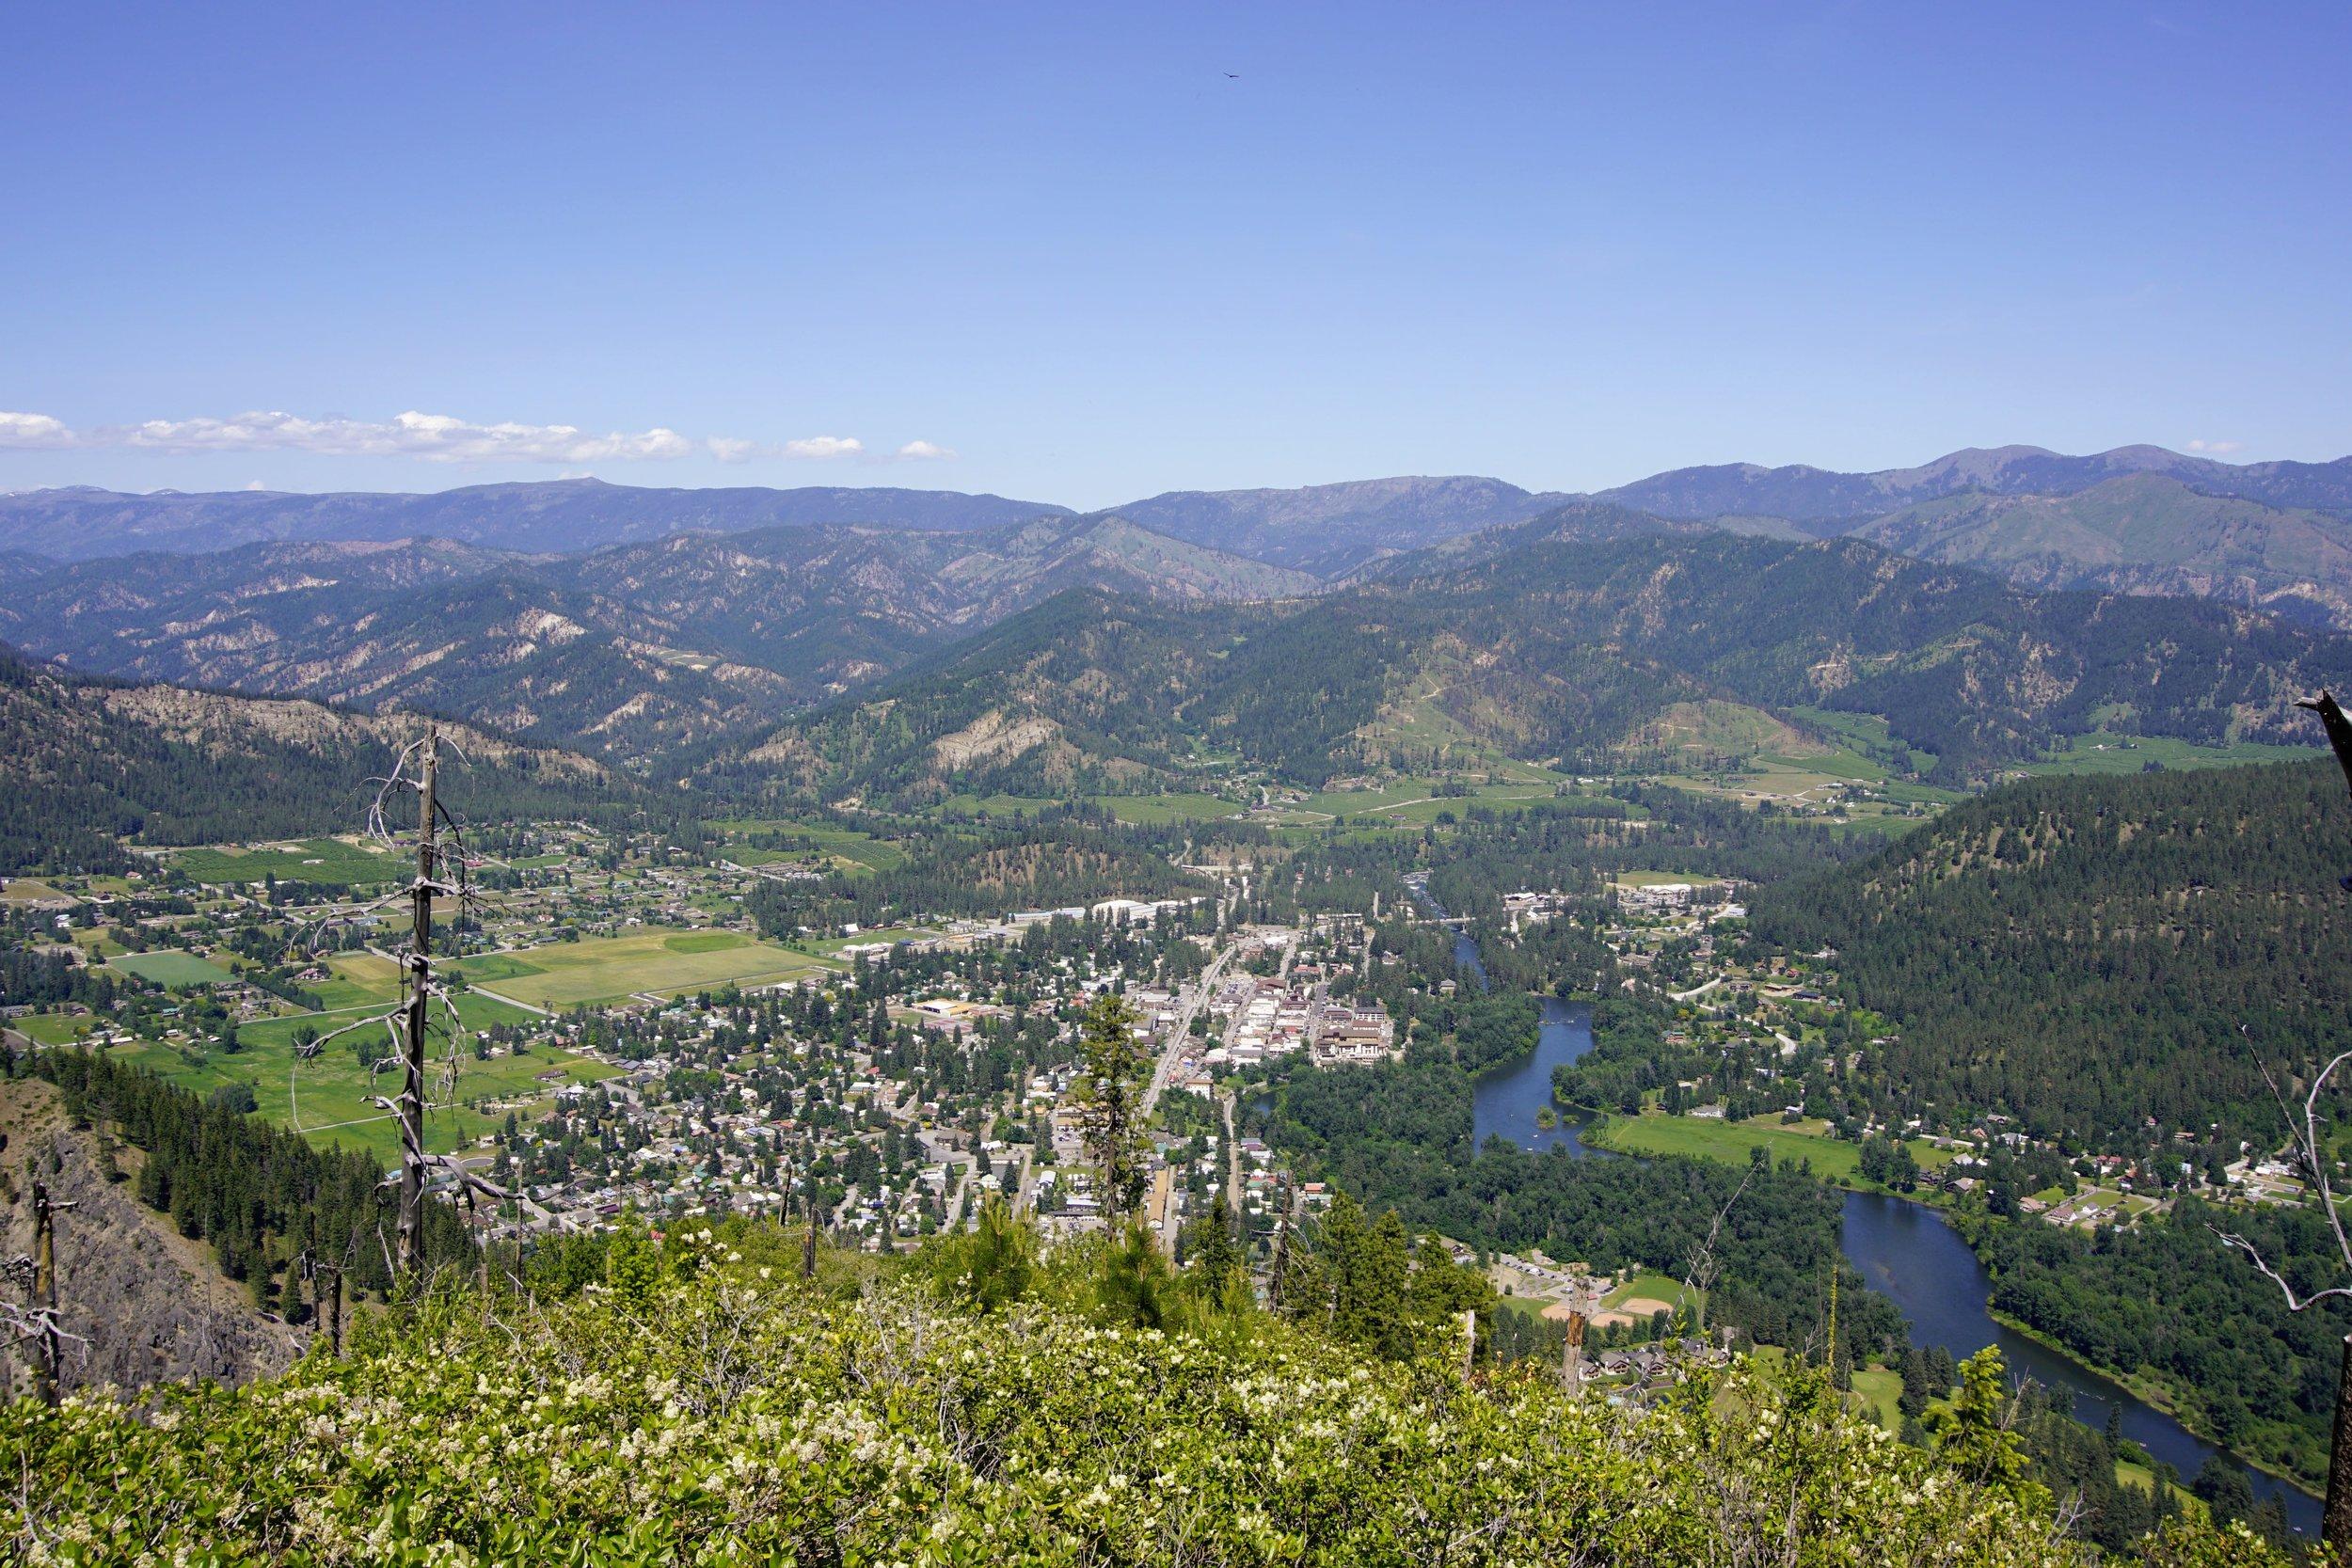 Leavenworth down below